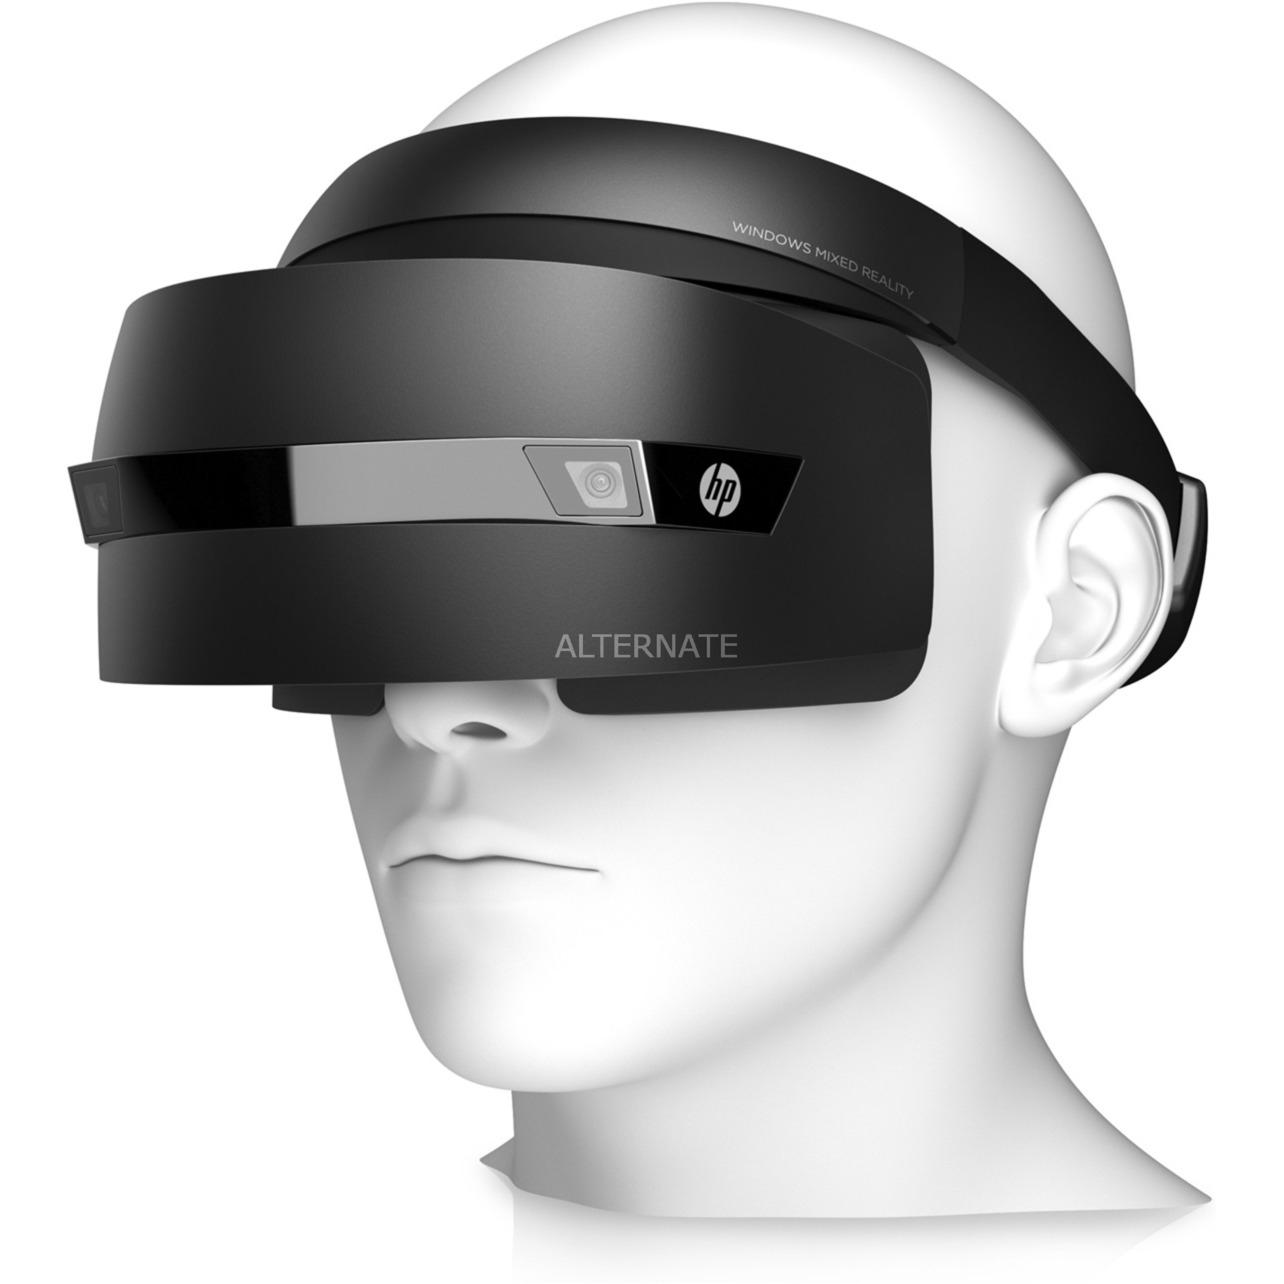 [Alternate] HP Windows Mixed Reality Headset, VR-Brille VR1000 für 179,99€ mit MasterPass